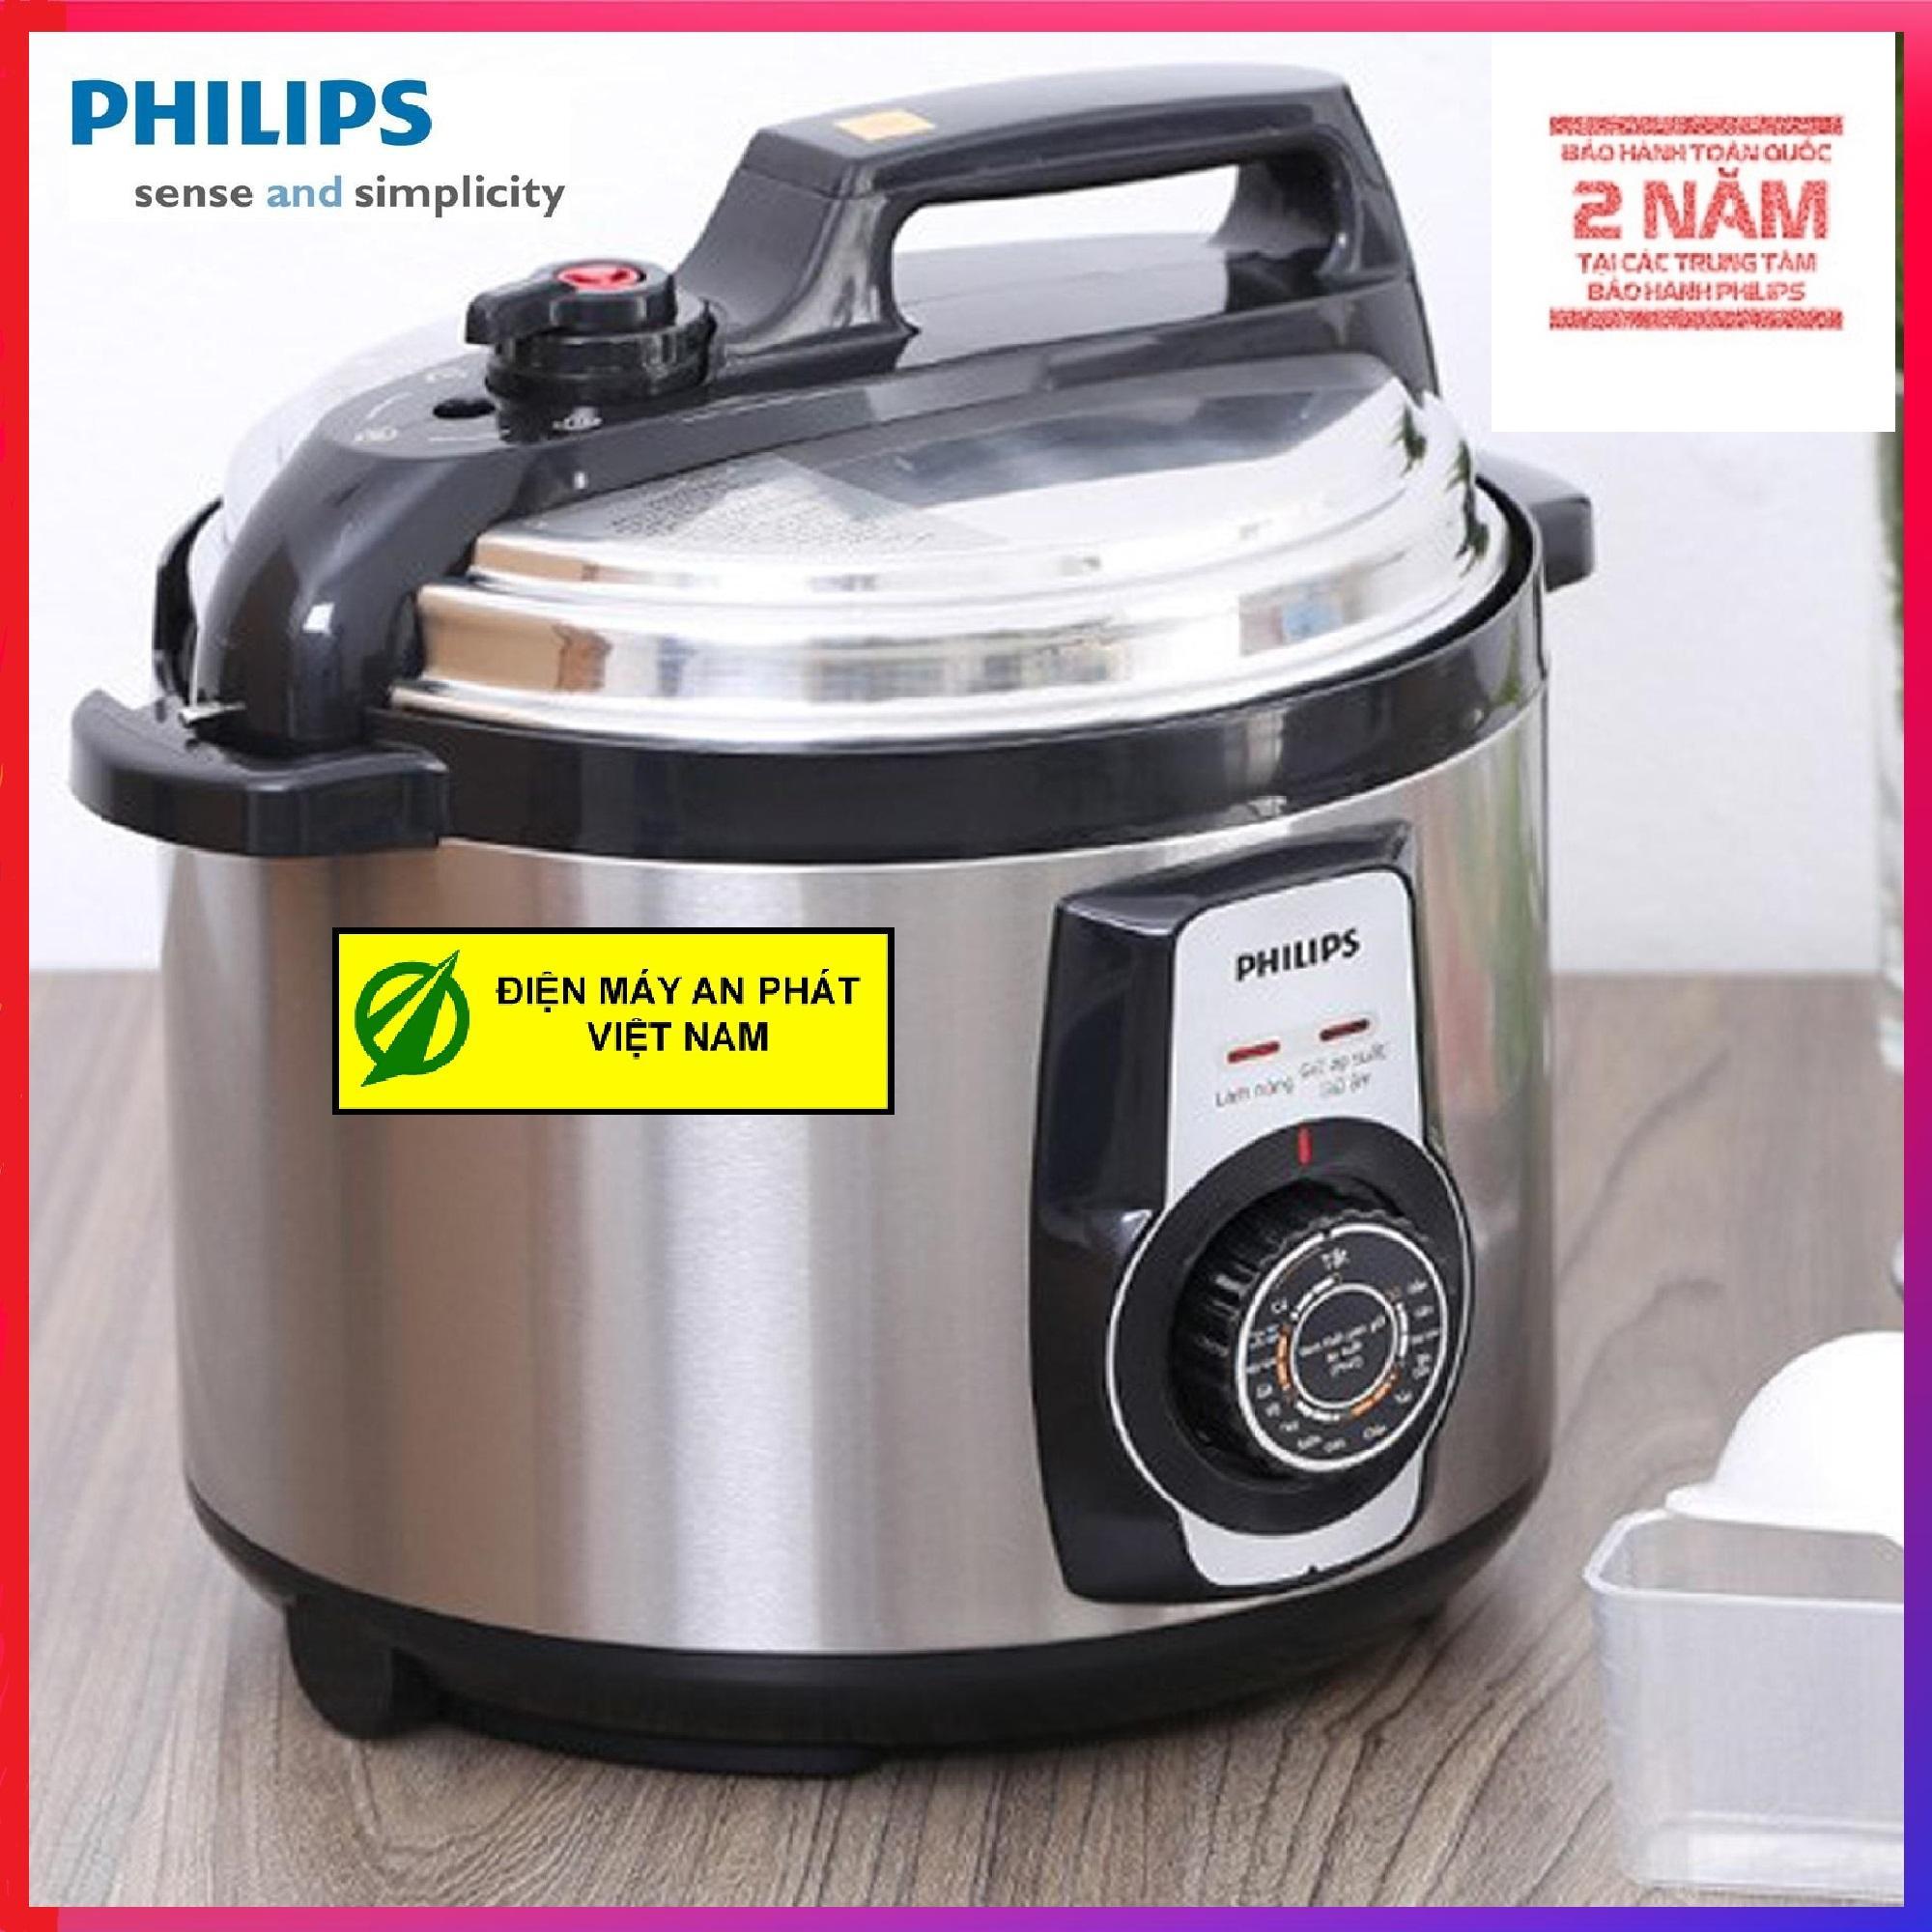 Nồi áp suất Philips HD2103 (Inox) 5L - Hàng Công ty- Xuất hóa đơn GTGT theo yêu cầu của Quý khách - SP Bảo hành 2 năm trên toàn quốc)